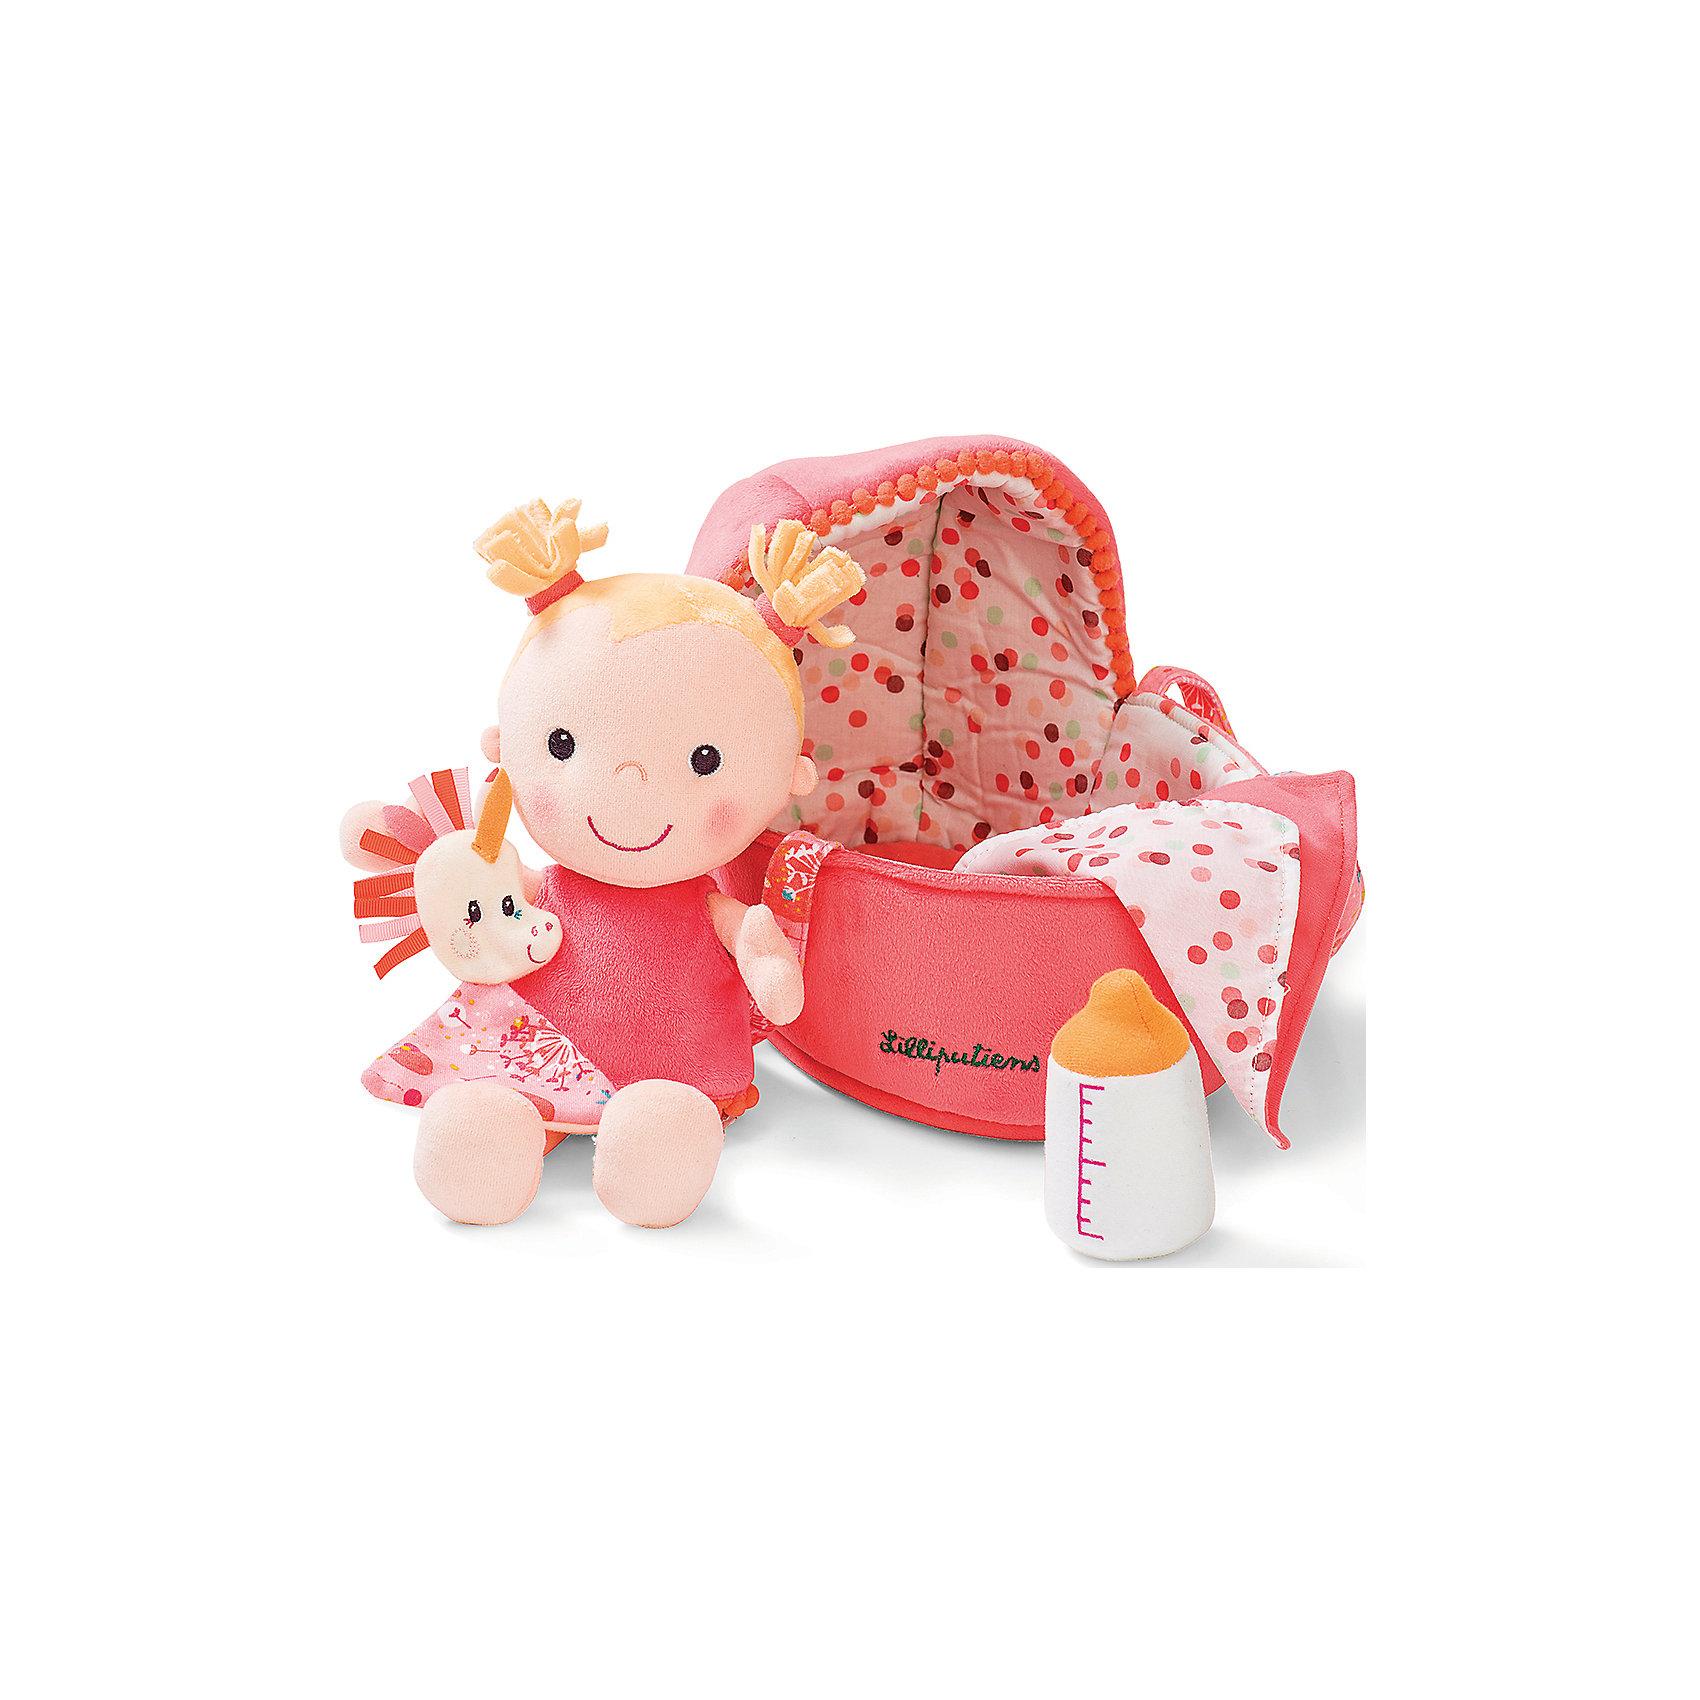 Мягкая куколка в переноске с игрушкой, LilliputiensХарактеристики товара:<br><br>- цвет: разноцветный;<br>- материал: текстиль, полиэстр, хлопок;<br>- габариты: 18,5x8,5x27 см;<br>- вес: 540 г;<br>- комплектация: кукла, аксессуары;<br>- возраст от: 1 года.<br><br>Дочки–матери – любимая игра всех малышек. Текстильные куклы – приятное и веселое развлечение. Куколка в переноске – сочетание традиционного пупса и модной тряпичной игрушки. Подходит как для одиночной игры, так и для игры в кругу друзей. Прививает малышке чувство ответственности и развивает социальные навыки. Материалы, использованные при изготовлении изделия, абсолютно безопасны и полностью отвечают международным требованиям по качеству детских товаров.<br><br>Игрушку Мягкая куколка в переноске с игрушкой от бренда Liliputiens можно купить в нашем интернет-магазине.<br><br>Ширина мм: 30<br>Глубина мм: 20<br>Высота мм: 20<br>Вес г: 530<br>Возраст от месяцев: 9<br>Возраст до месяцев: 2147483647<br>Пол: Женский<br>Возраст: Детский<br>SKU: 5097374